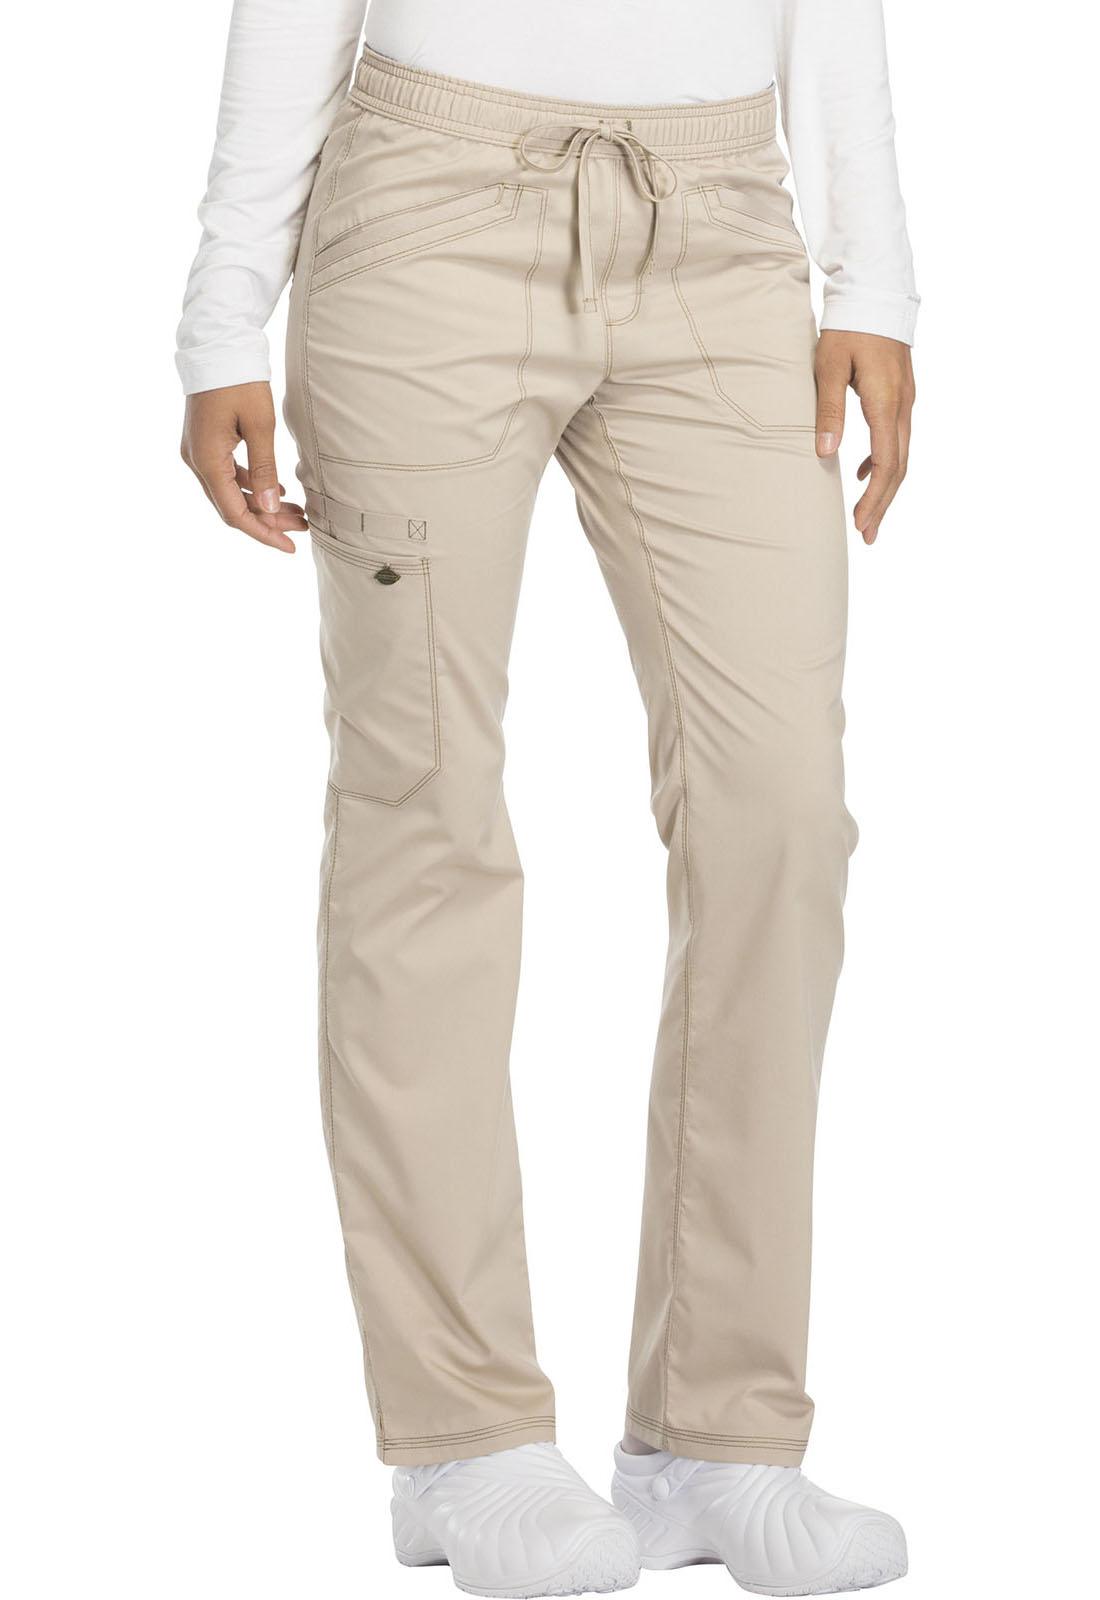 61704297070 Essence Mid Rise Straight Leg Drawstring Pant in Khaki DK106P-KAK ...